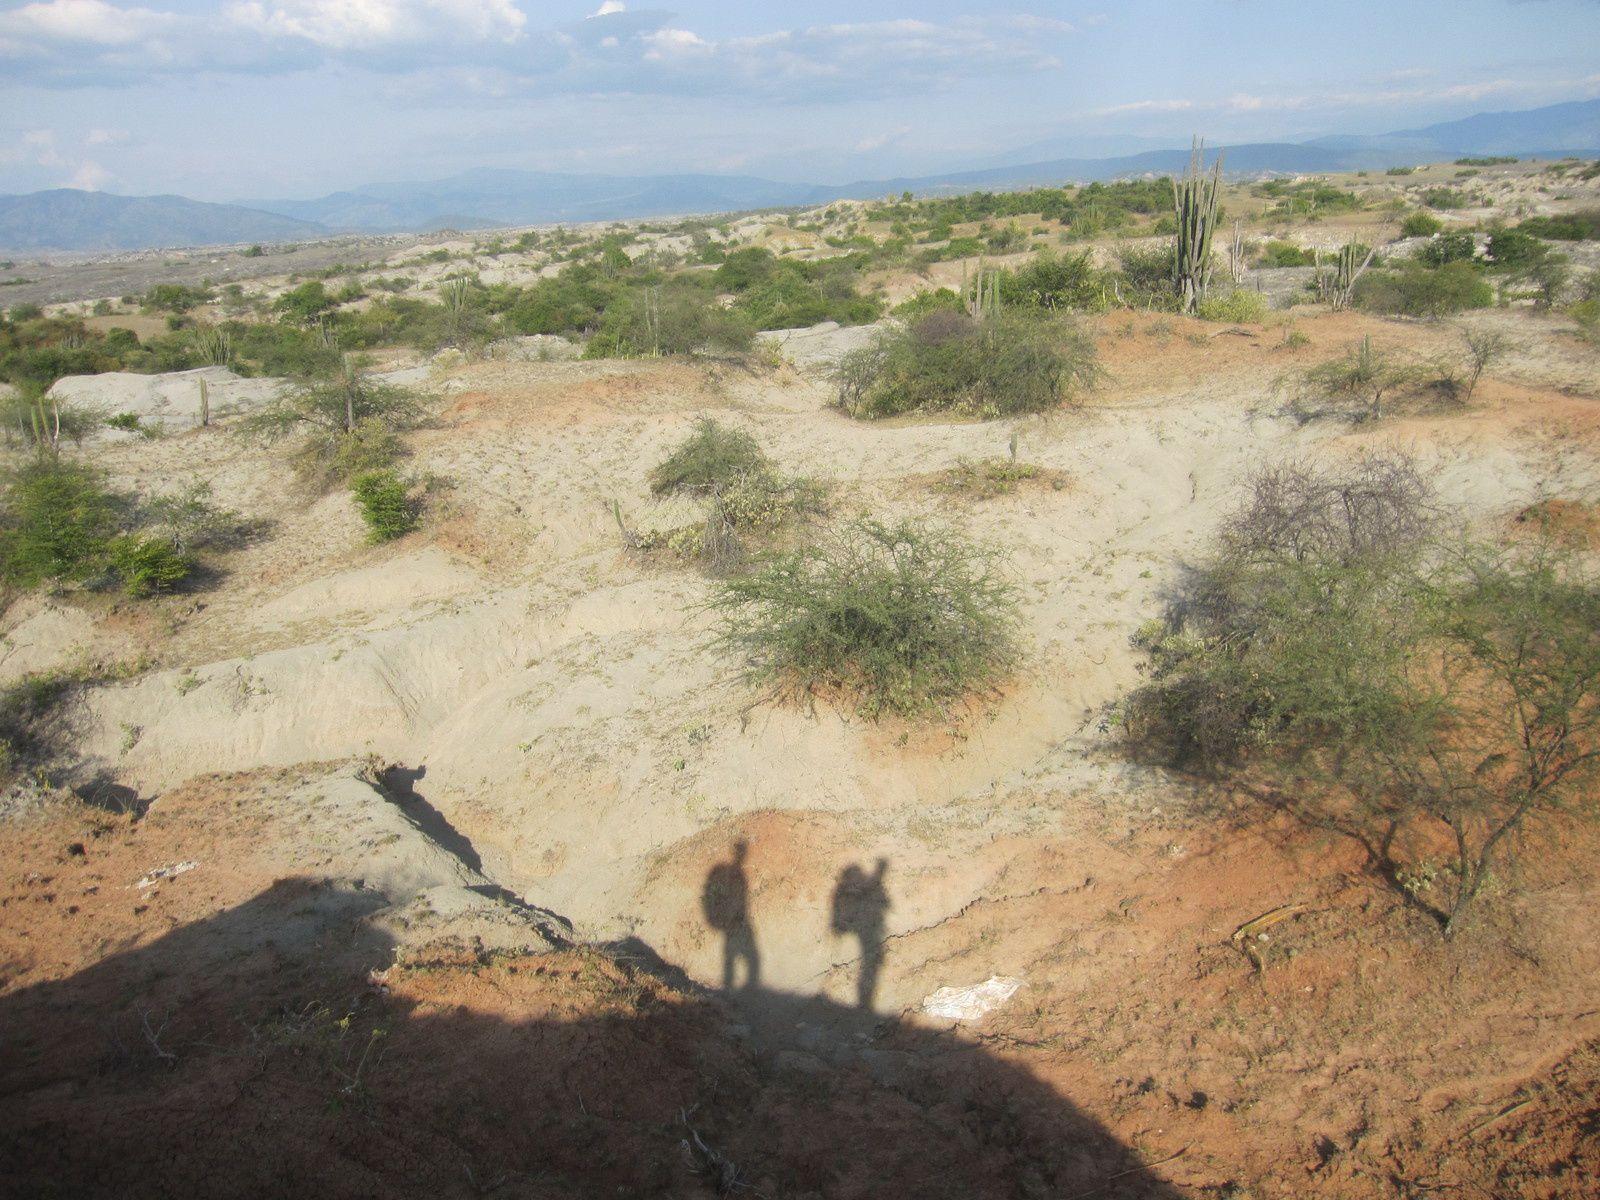 Desierto de Tatacoa: Dans la vie, il y a des cactus...